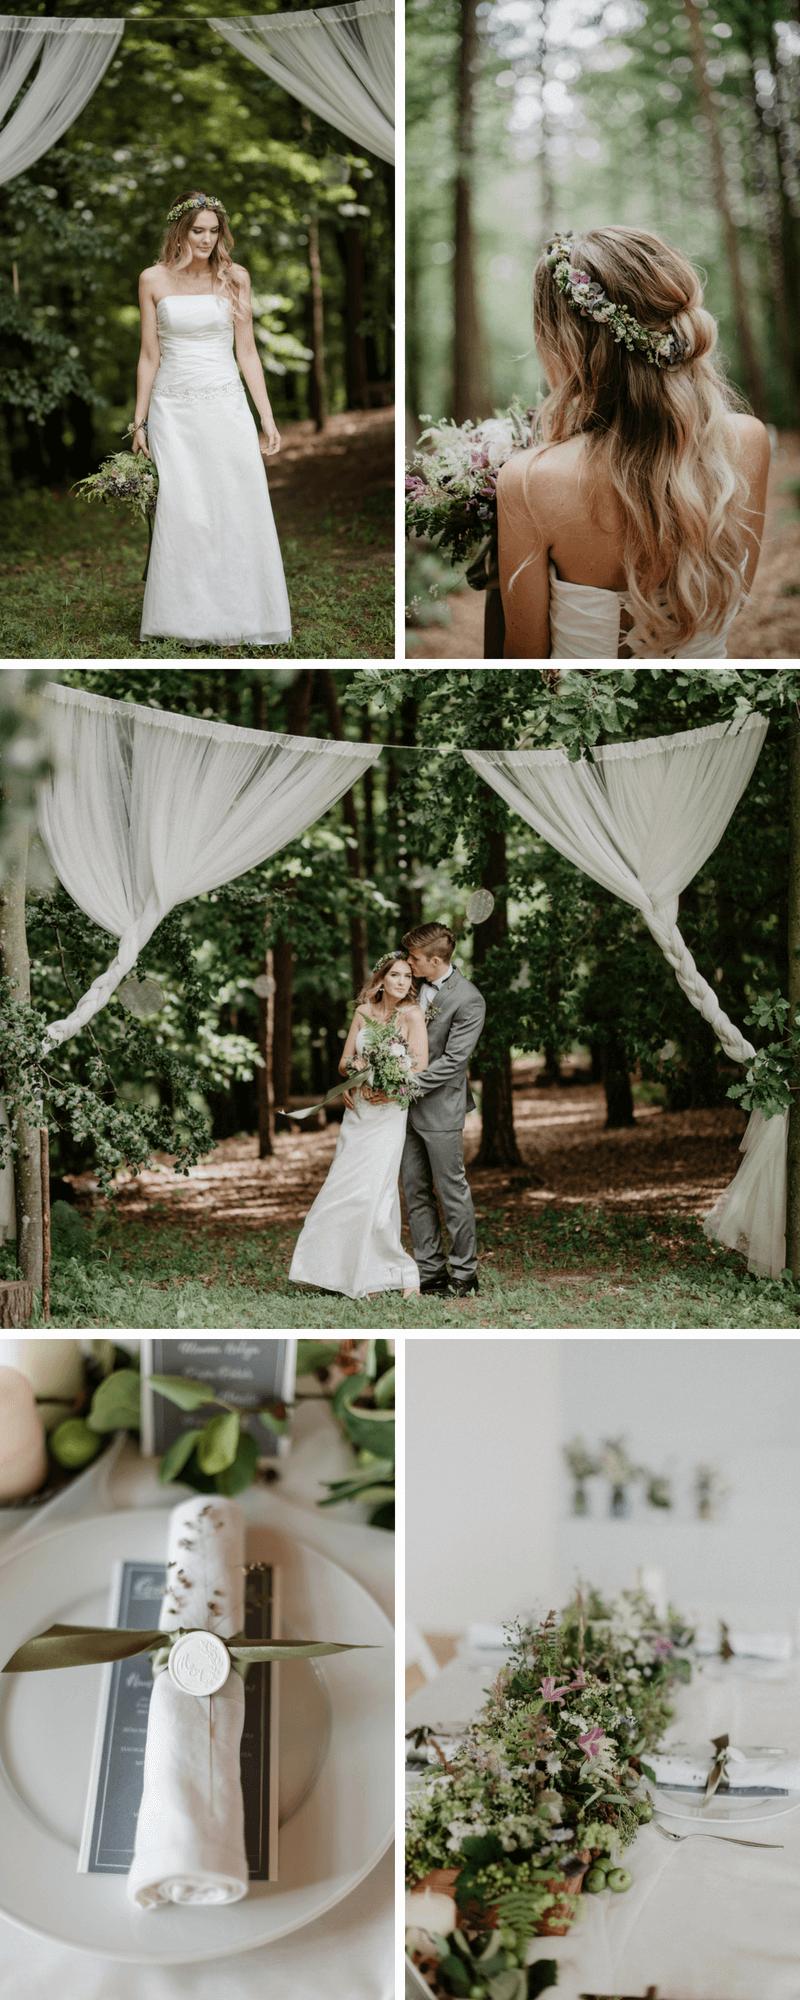 Hochzeitslocation Wald, Waldhochzeit, Hochzeit im Wald, Heiraten im Wald